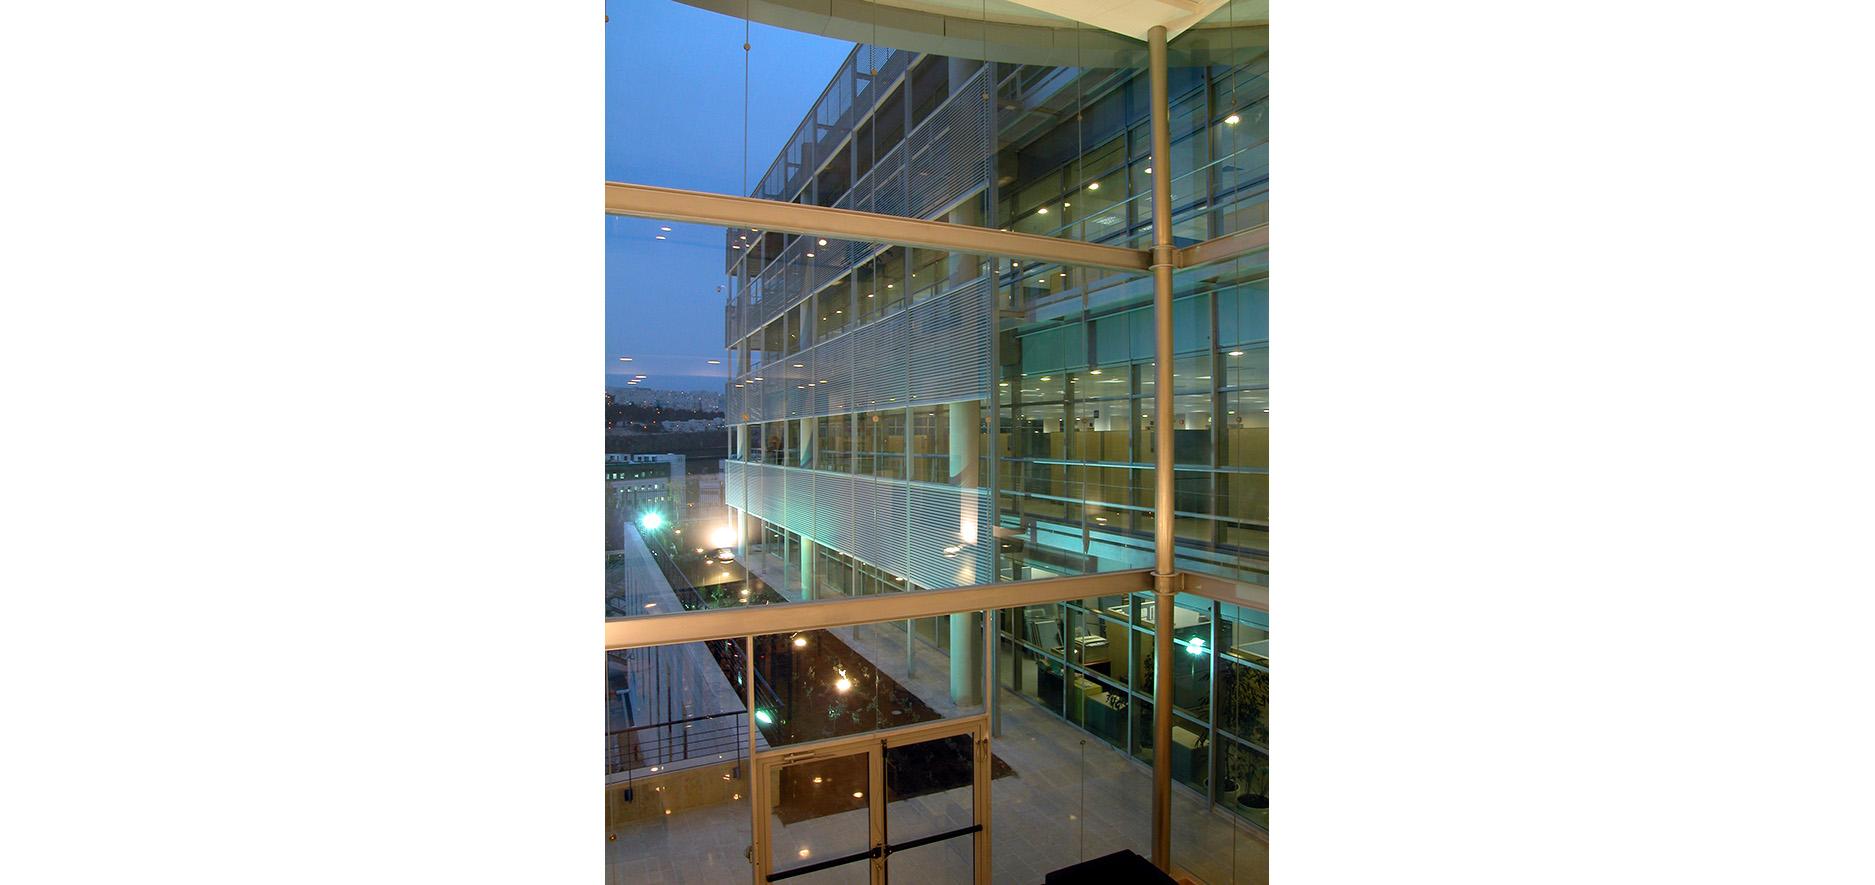 Intel6building_jerusalem_by_kolker_epstein_architects006